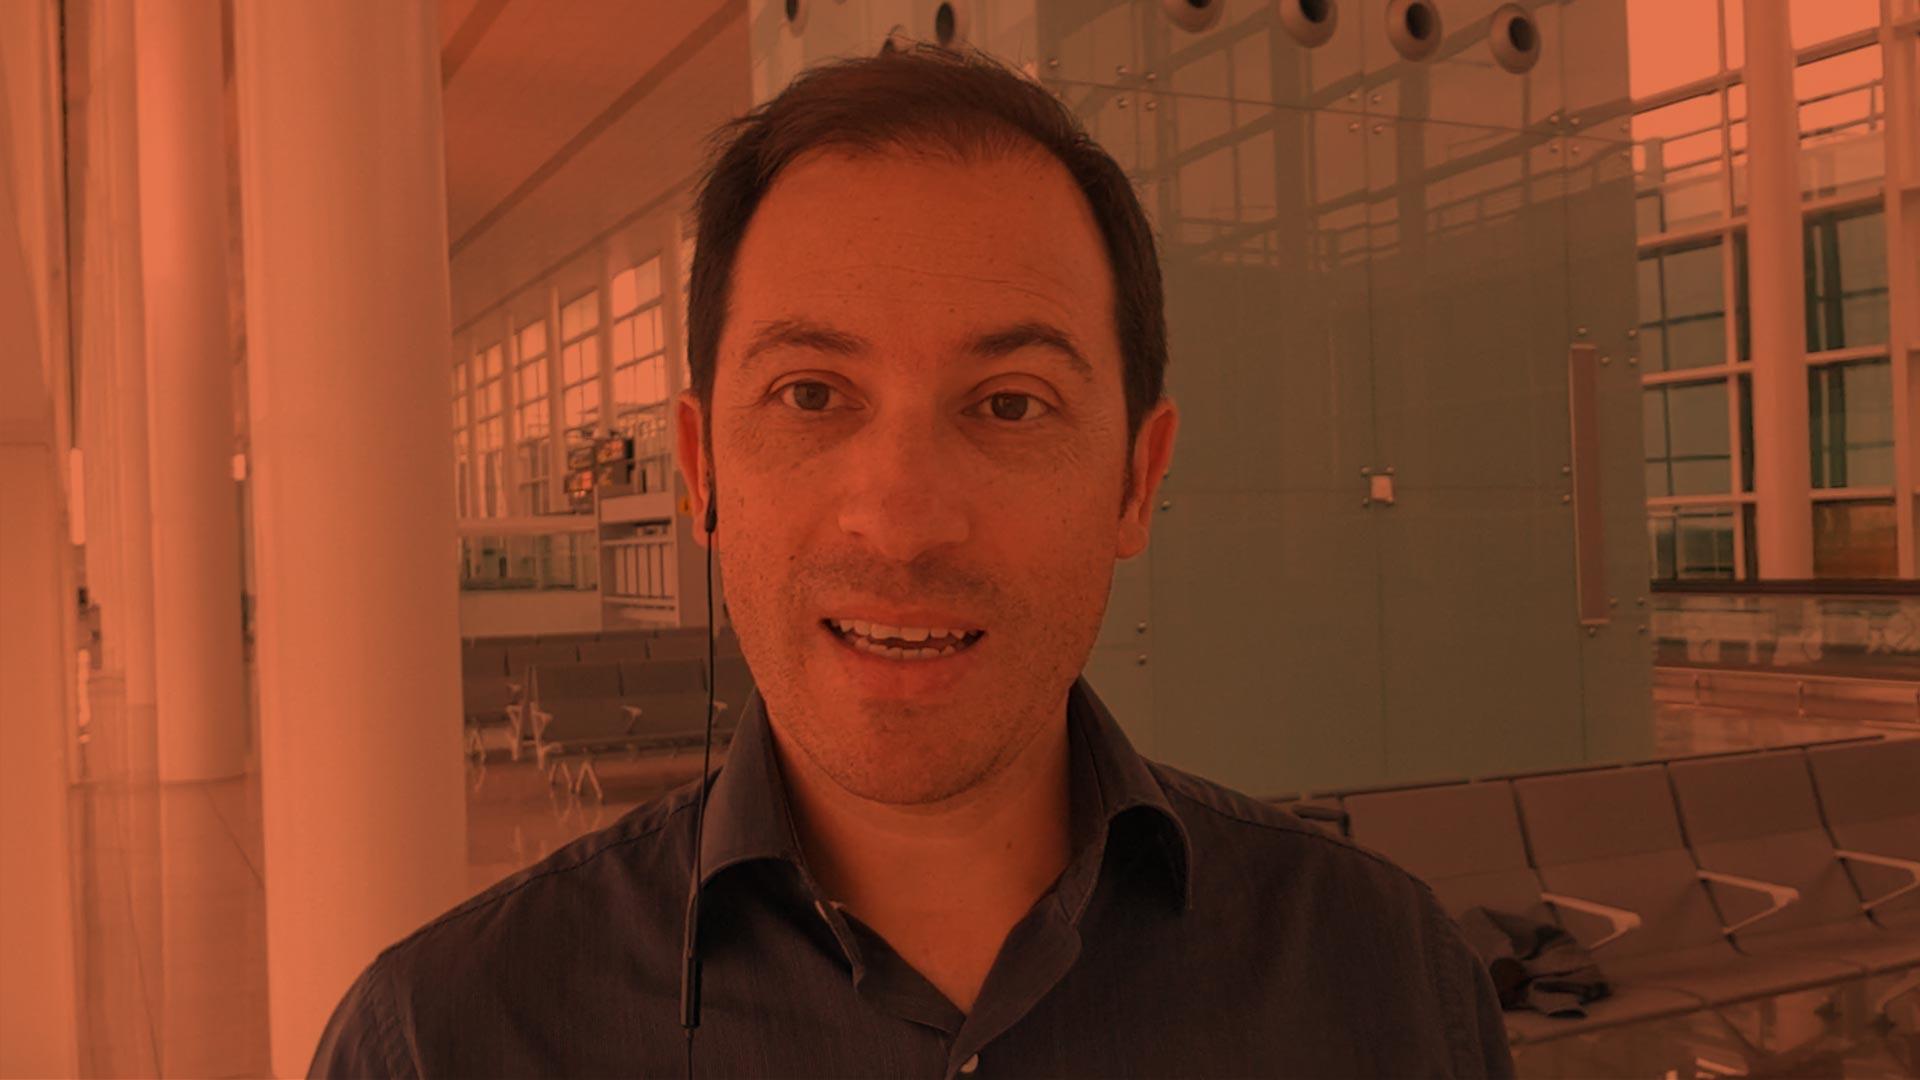 Hector-Robles_Pildoras-Innovacion-Real-254-Cabecera-Blog